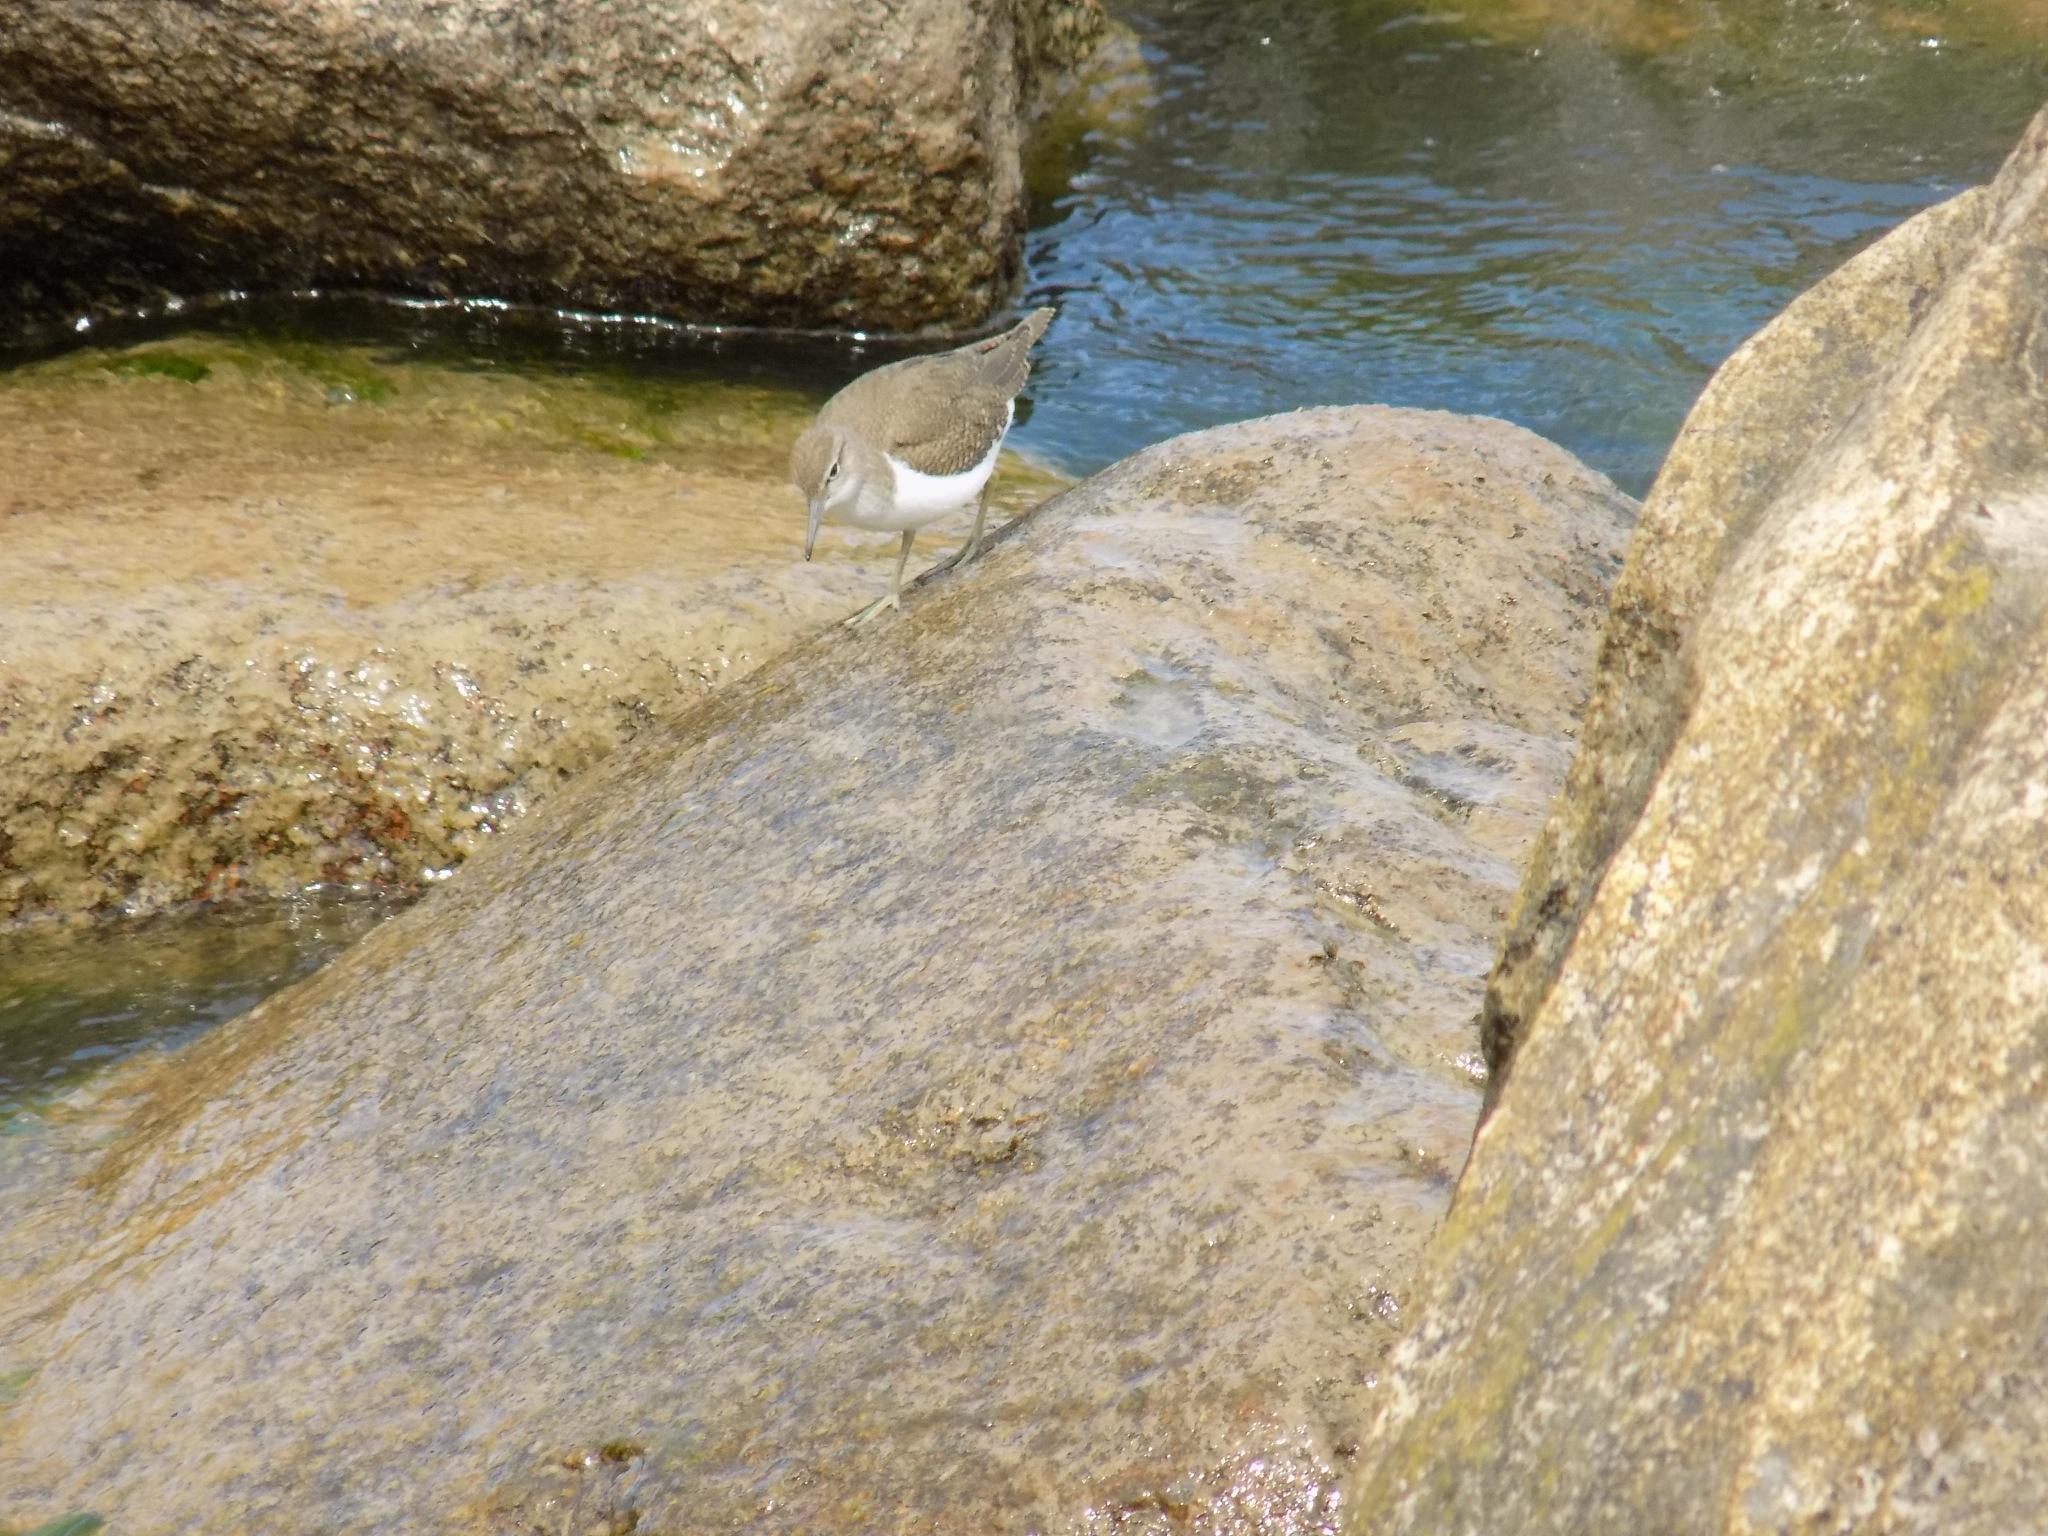 Bird on the stone by uzkuraitiene62